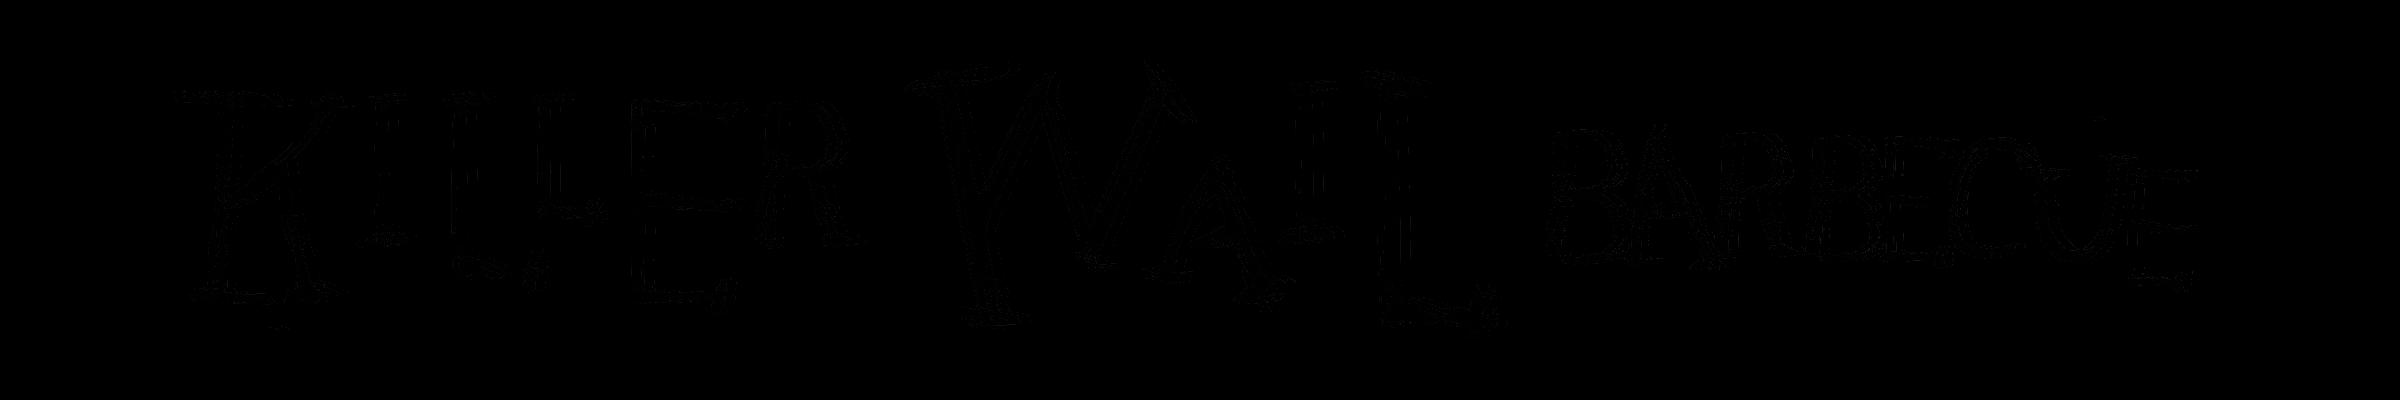 Killer Wail Logo Horizontal